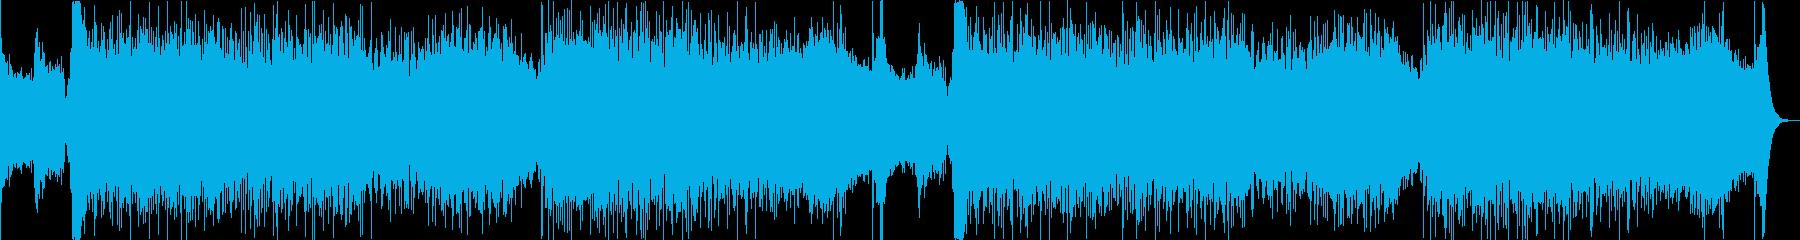 スピード感のある激しいロック/ボス戦闘曲の再生済みの波形